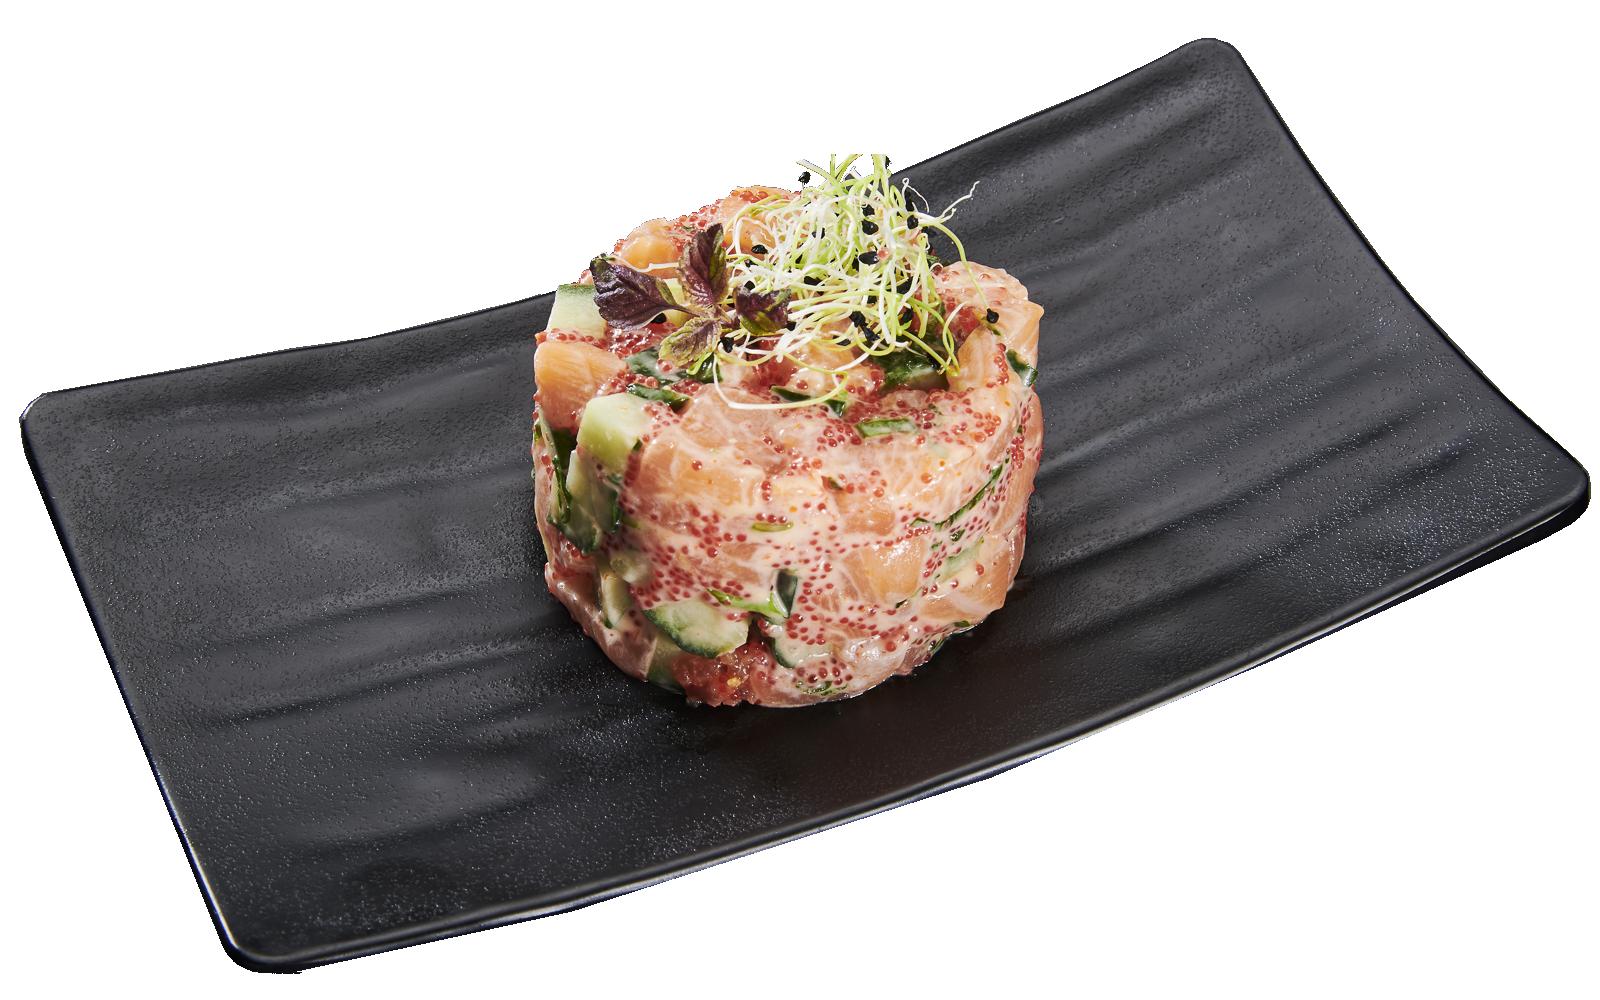 Tartar Salmon and Avocado